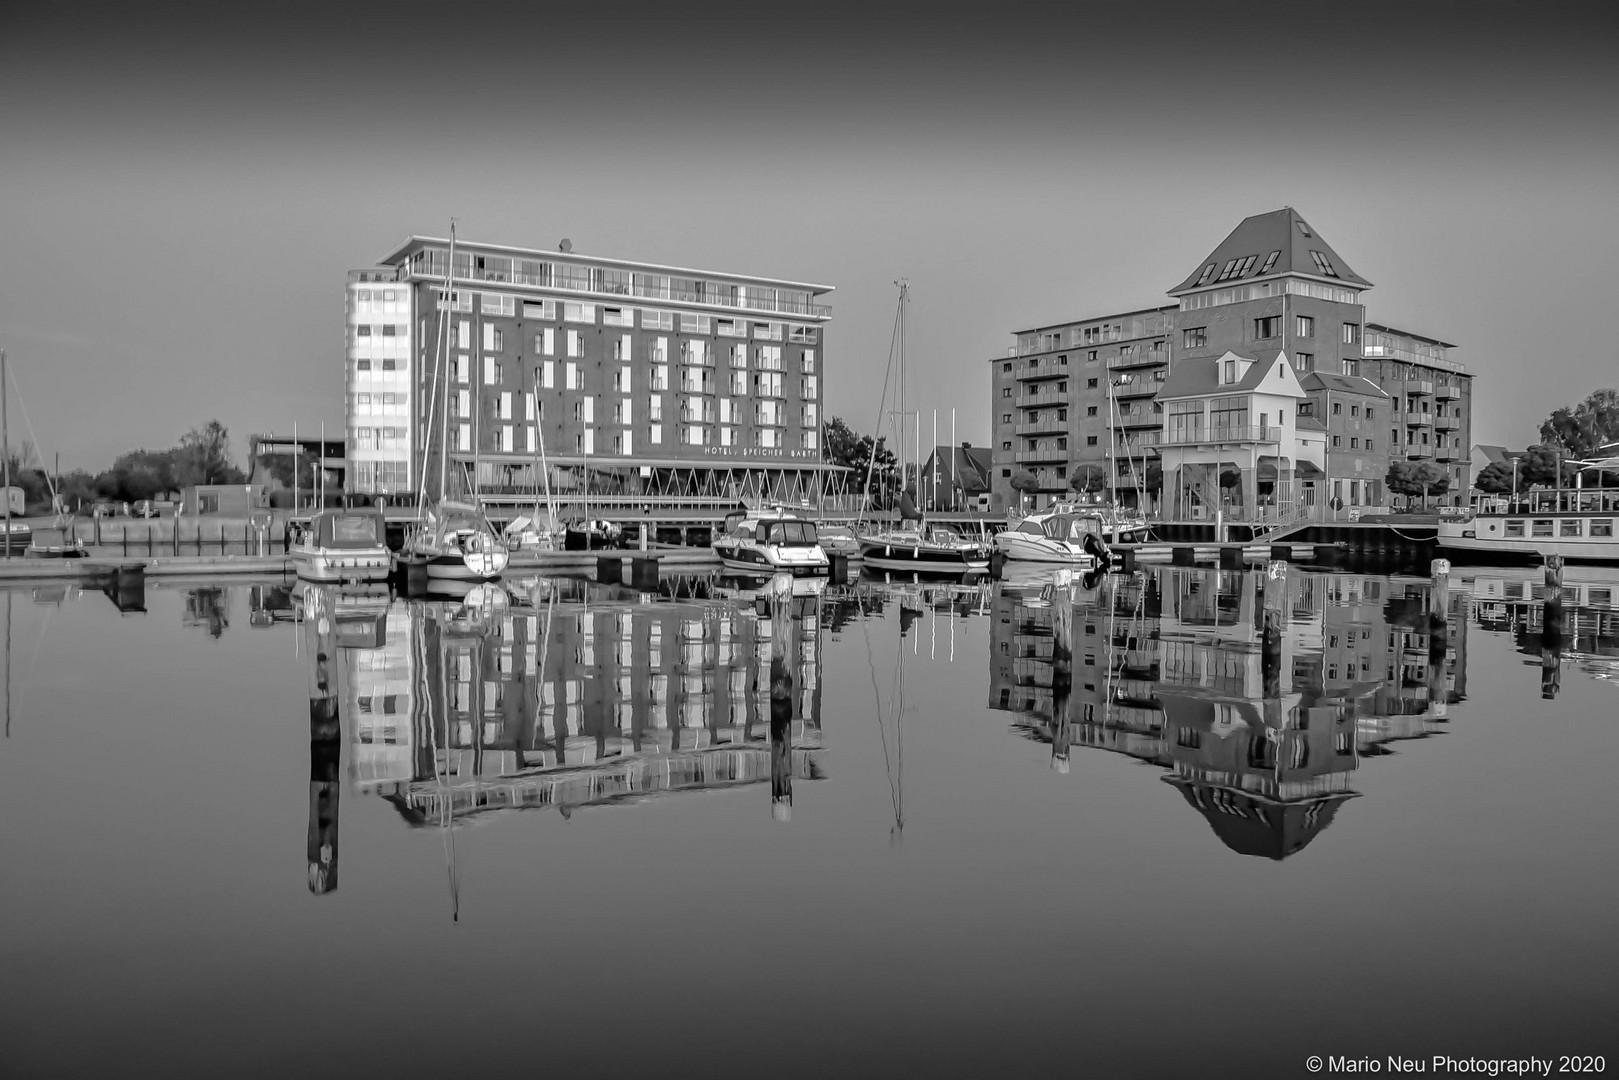 Hafen Barth im Sommer 2020